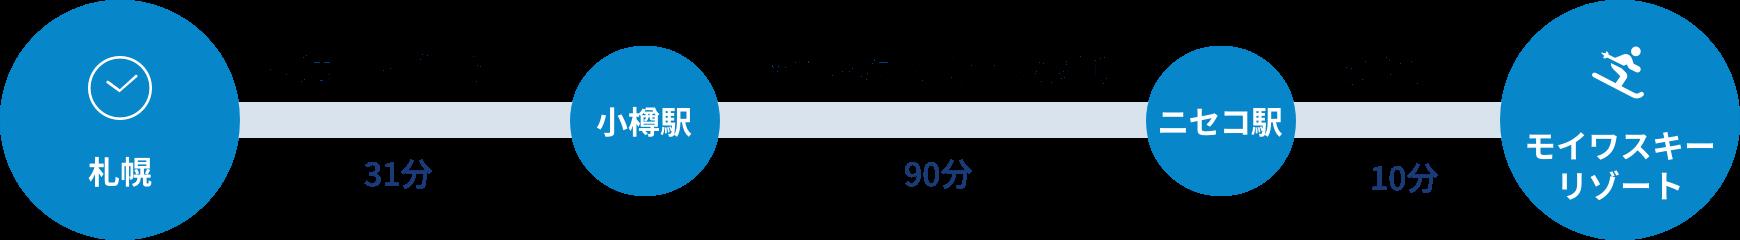 札幌から快速エアポート号で31分、小樽駅から函館本線(長万部-小樽)90分、ニセコ駅からタクシーで10分